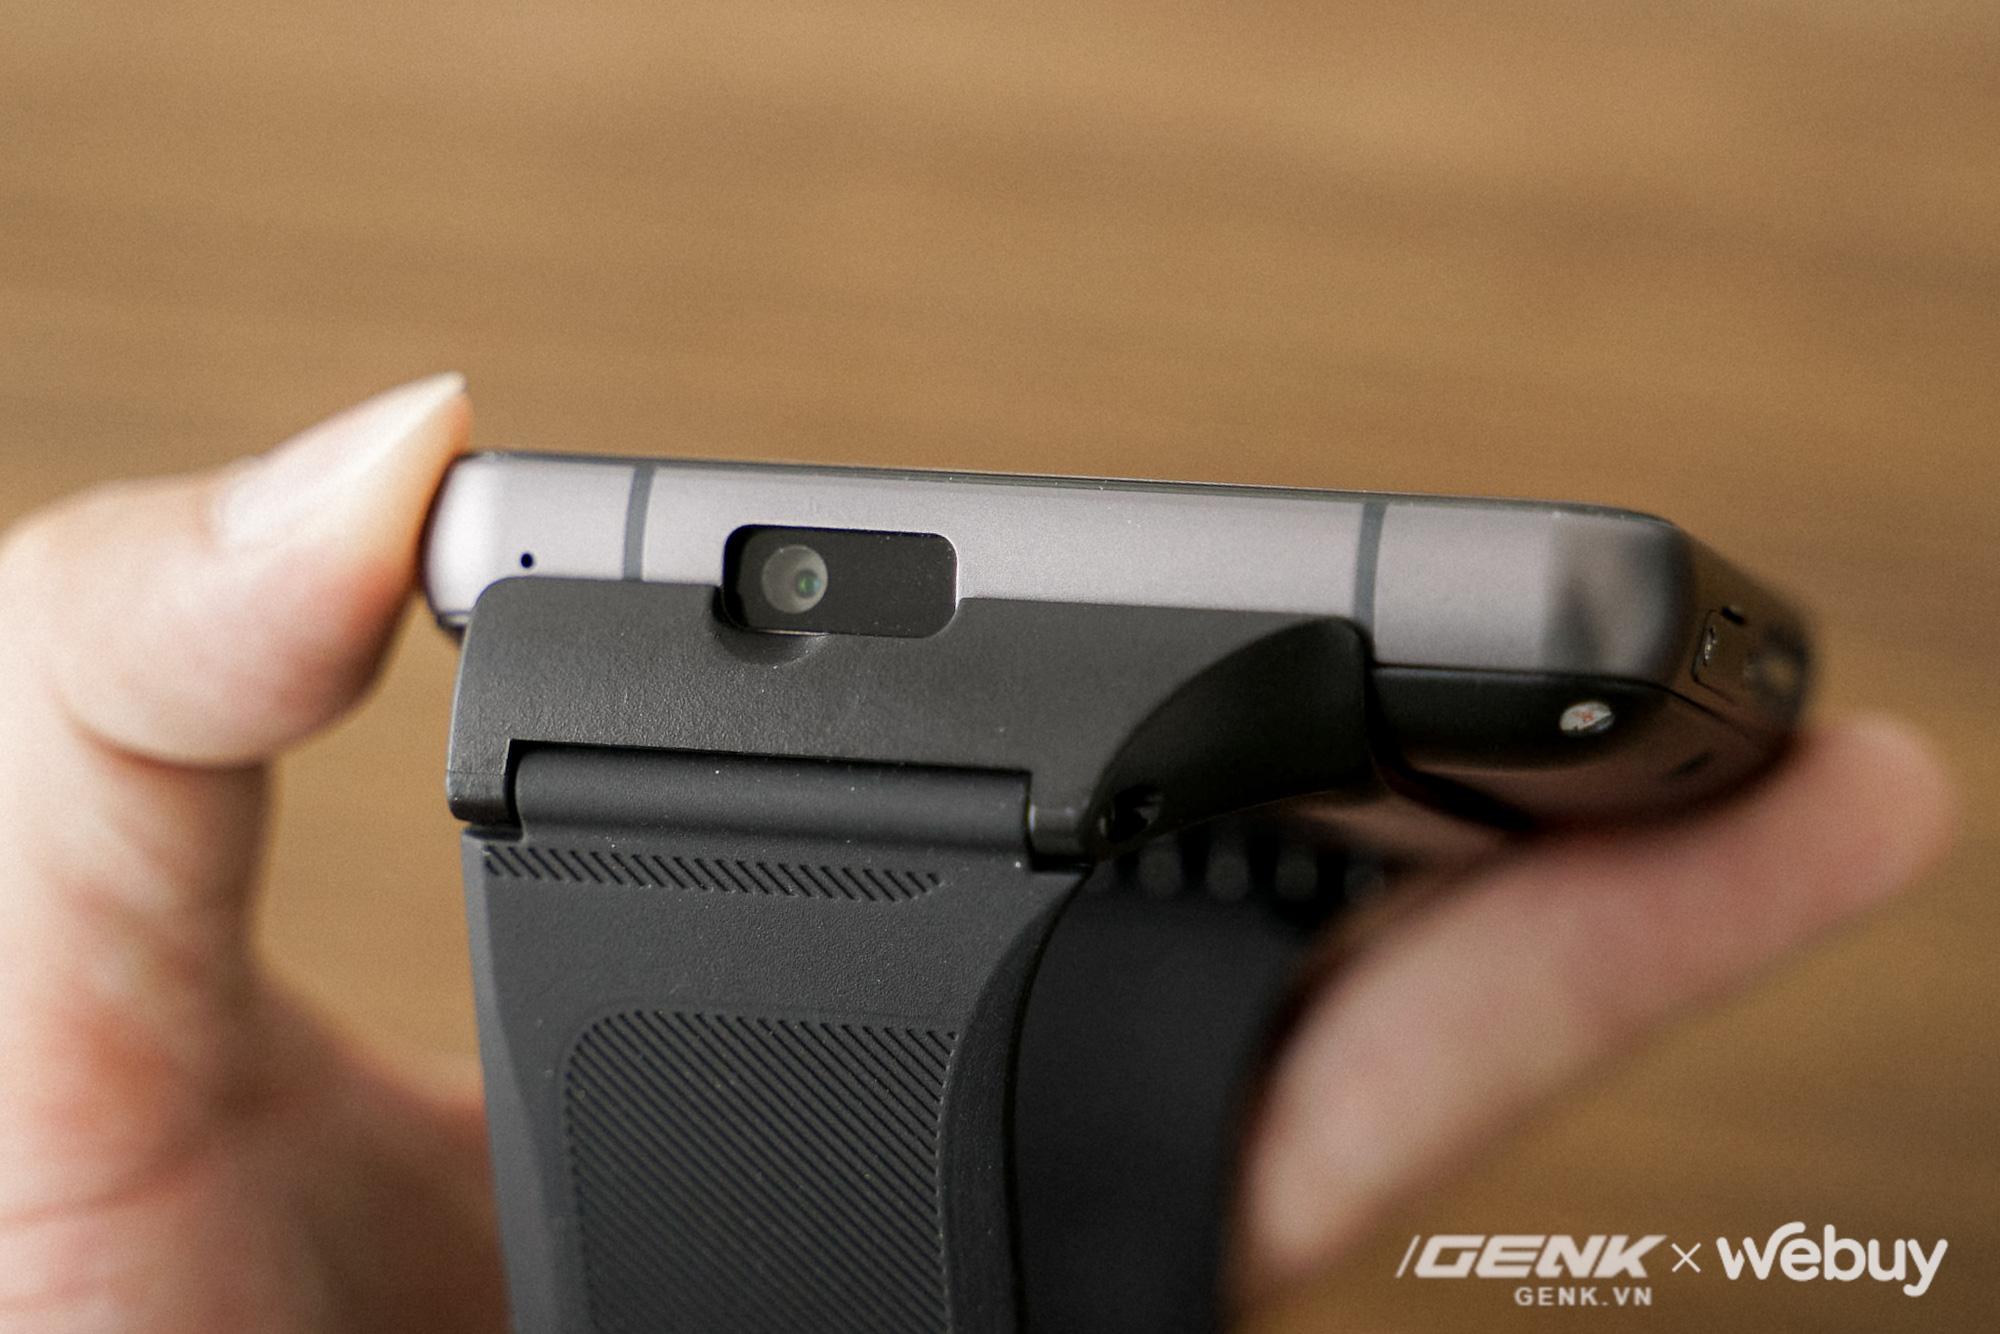 """Trên tay Lokmat Appllp Max: Smartwatch """"siêu to khổng lồ"""" chạy Android, có 4G, cấu hình """"ngon"""", đánh game phà phà - ảnh 3"""